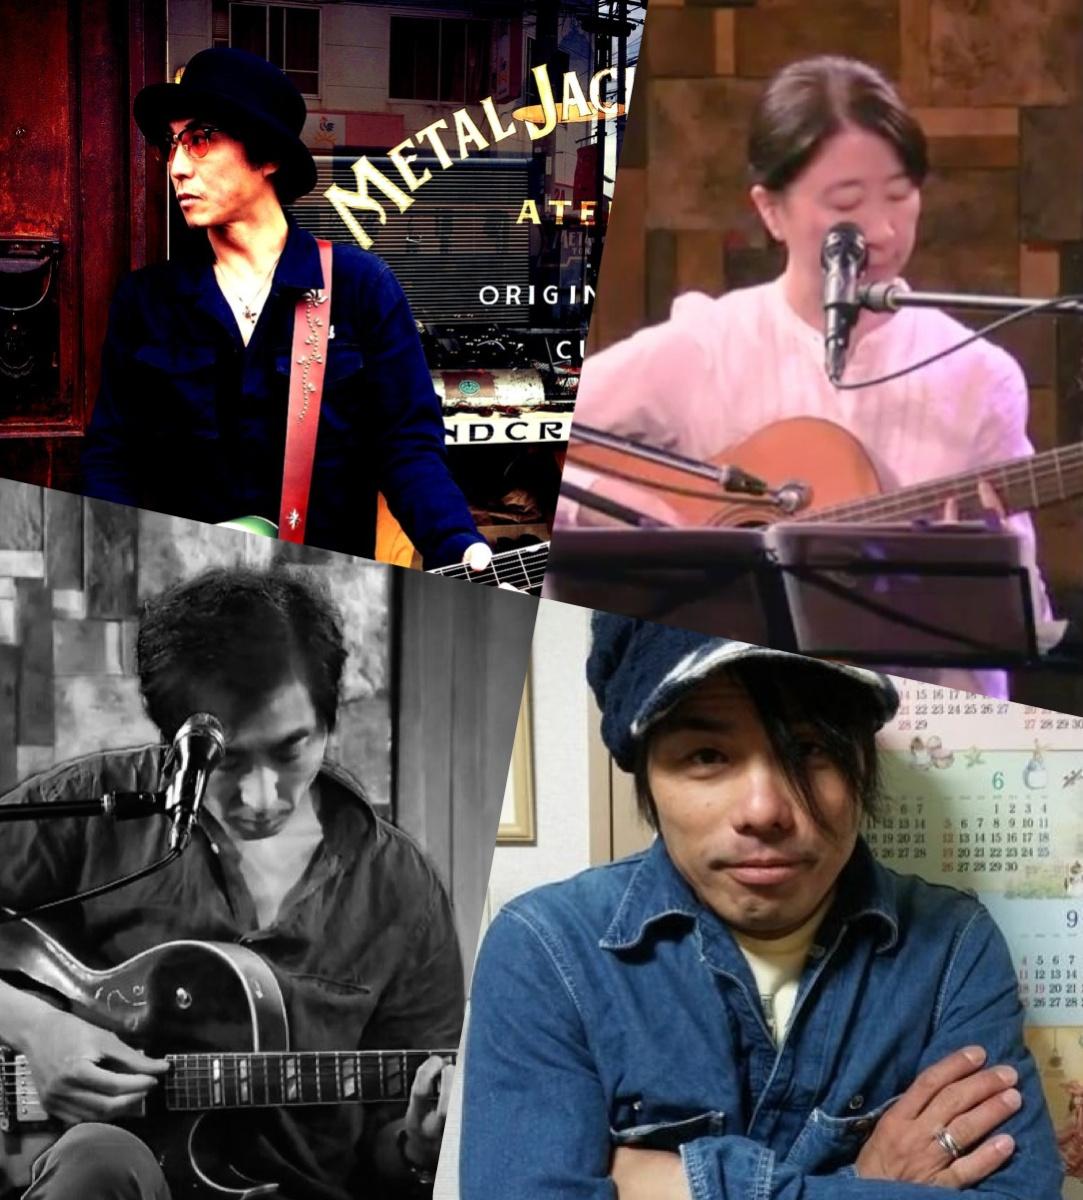 『月と太陽、そして君と僕〜ランデブー〜』出演:岩田亮 / 川口祥子 / 中馬昇 / ピース